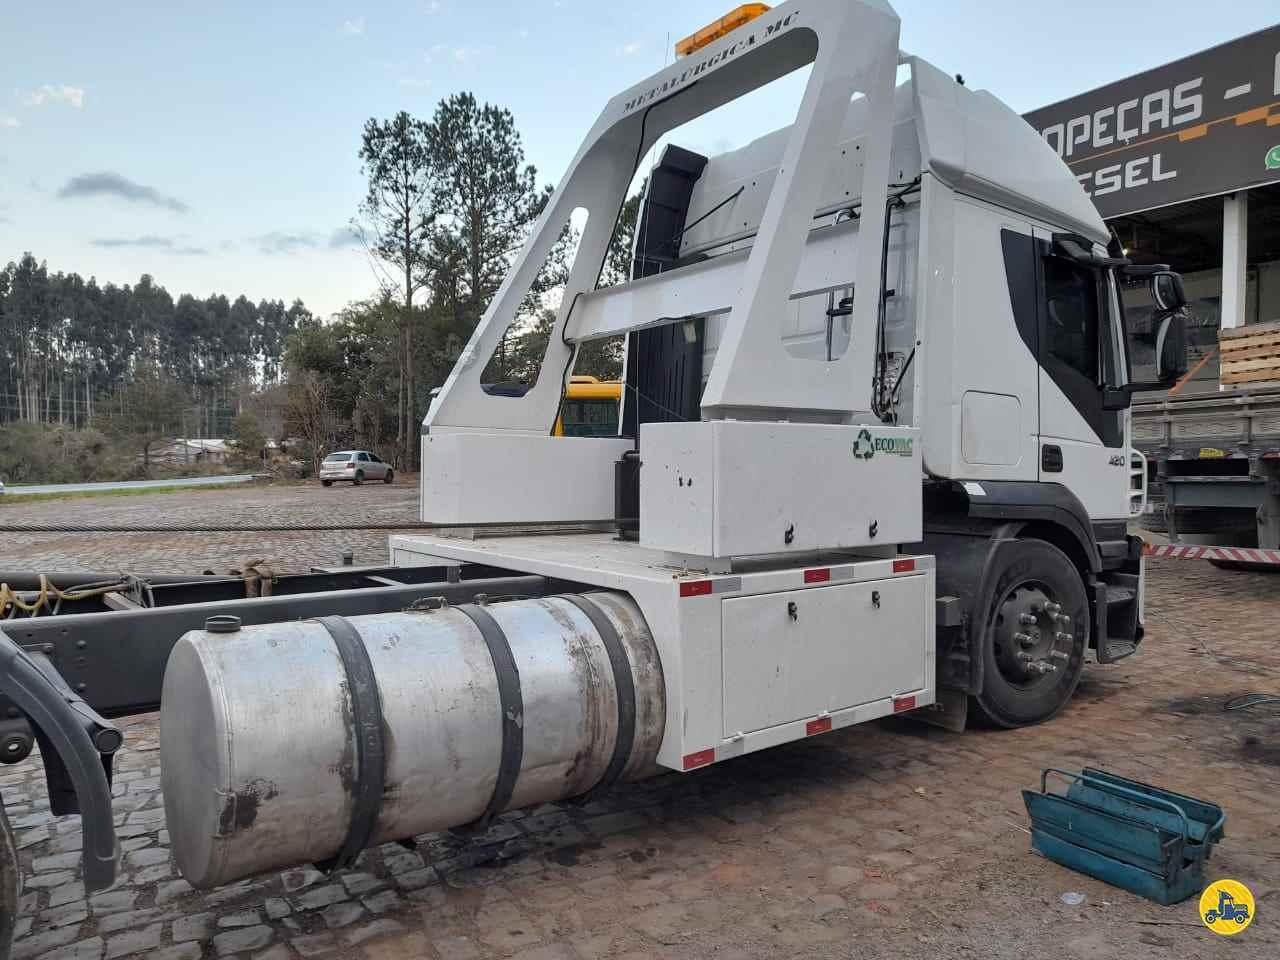 CAMINHAO IVECO STRALIS 420 Guincho Munck Traçado 6x4 Transmap Caminhões SANTA ROSA RIO GRANDE DO SUL RS